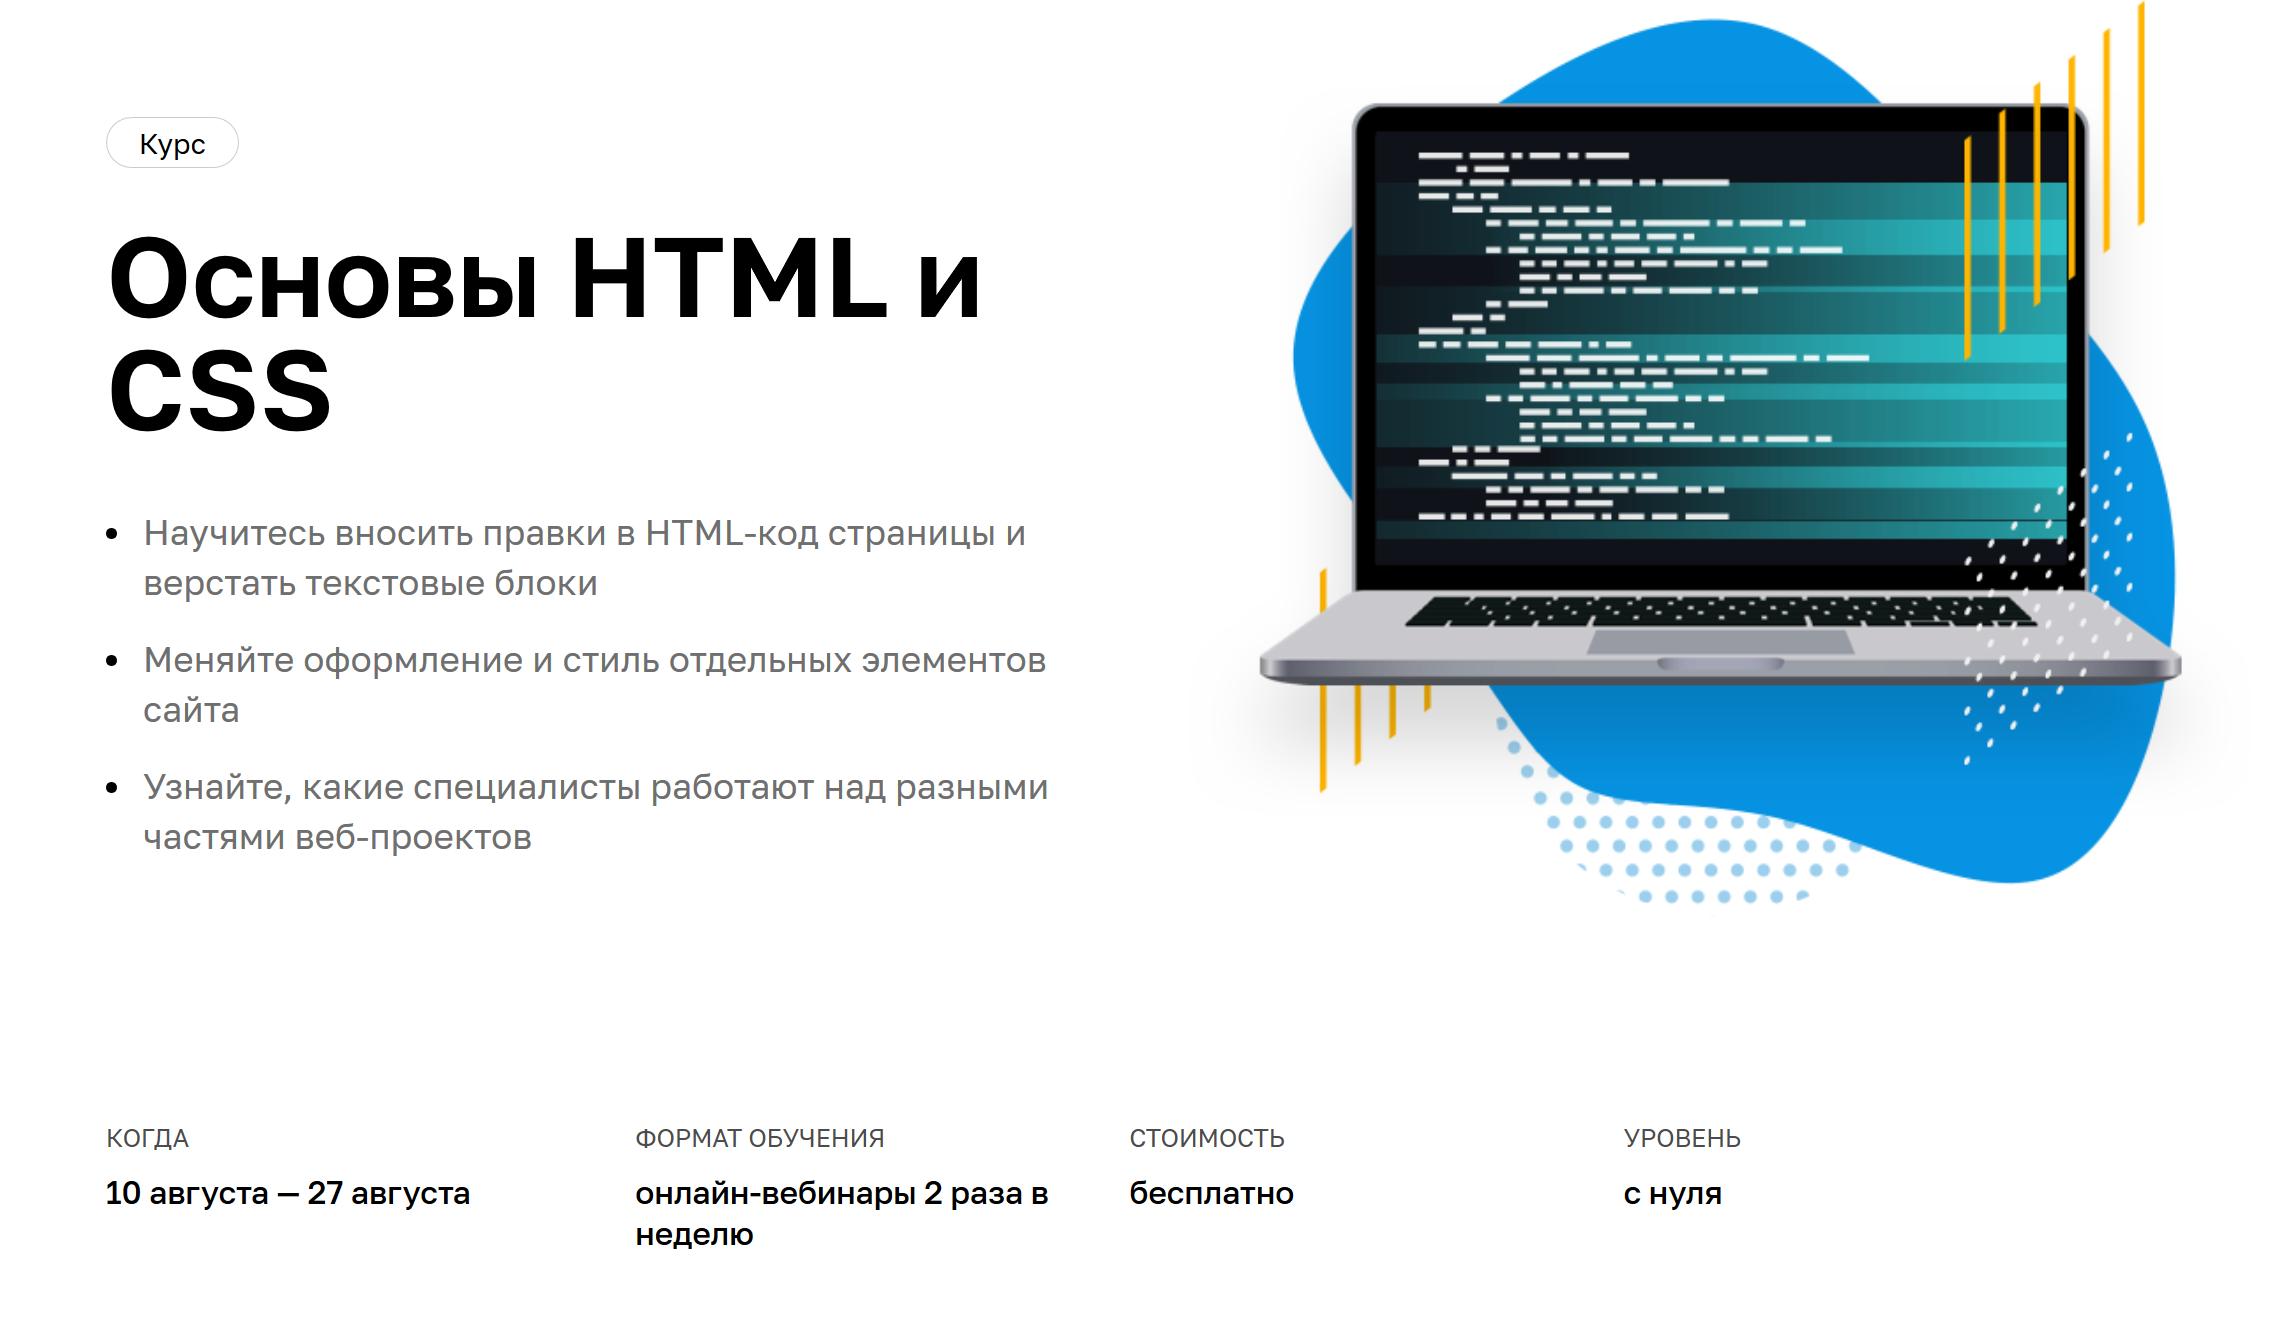 Бесплатный курс HTML и CSS для начинающих Обучение основам HTML онлайн